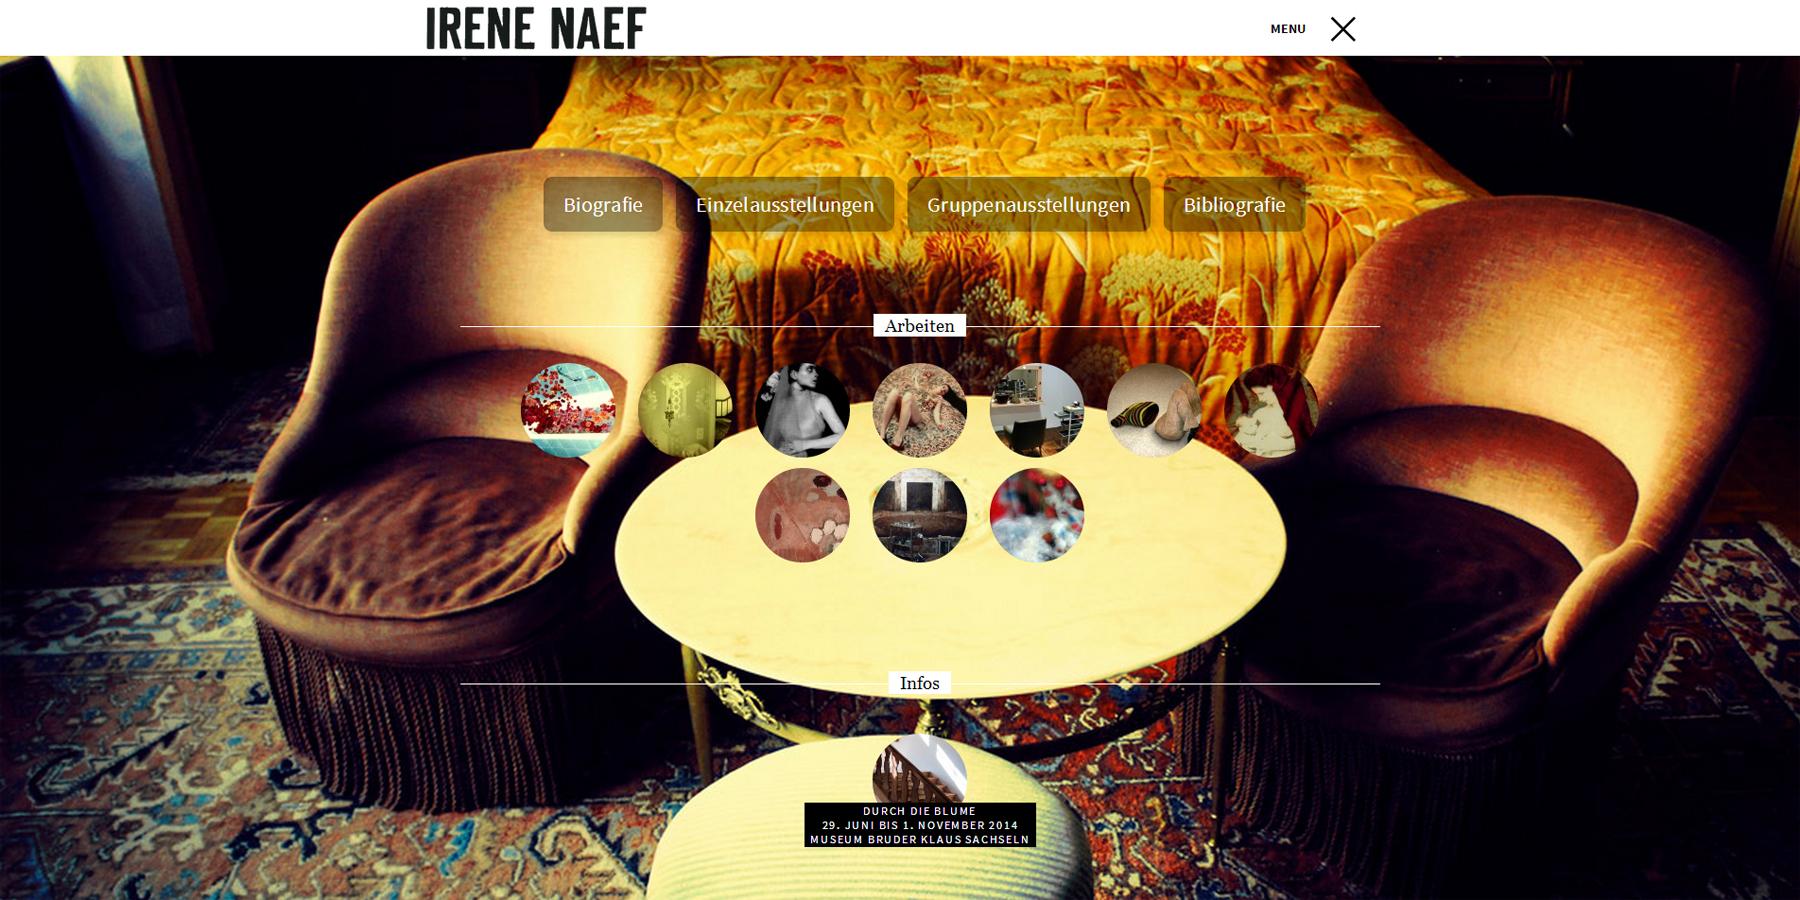 Irene Naef